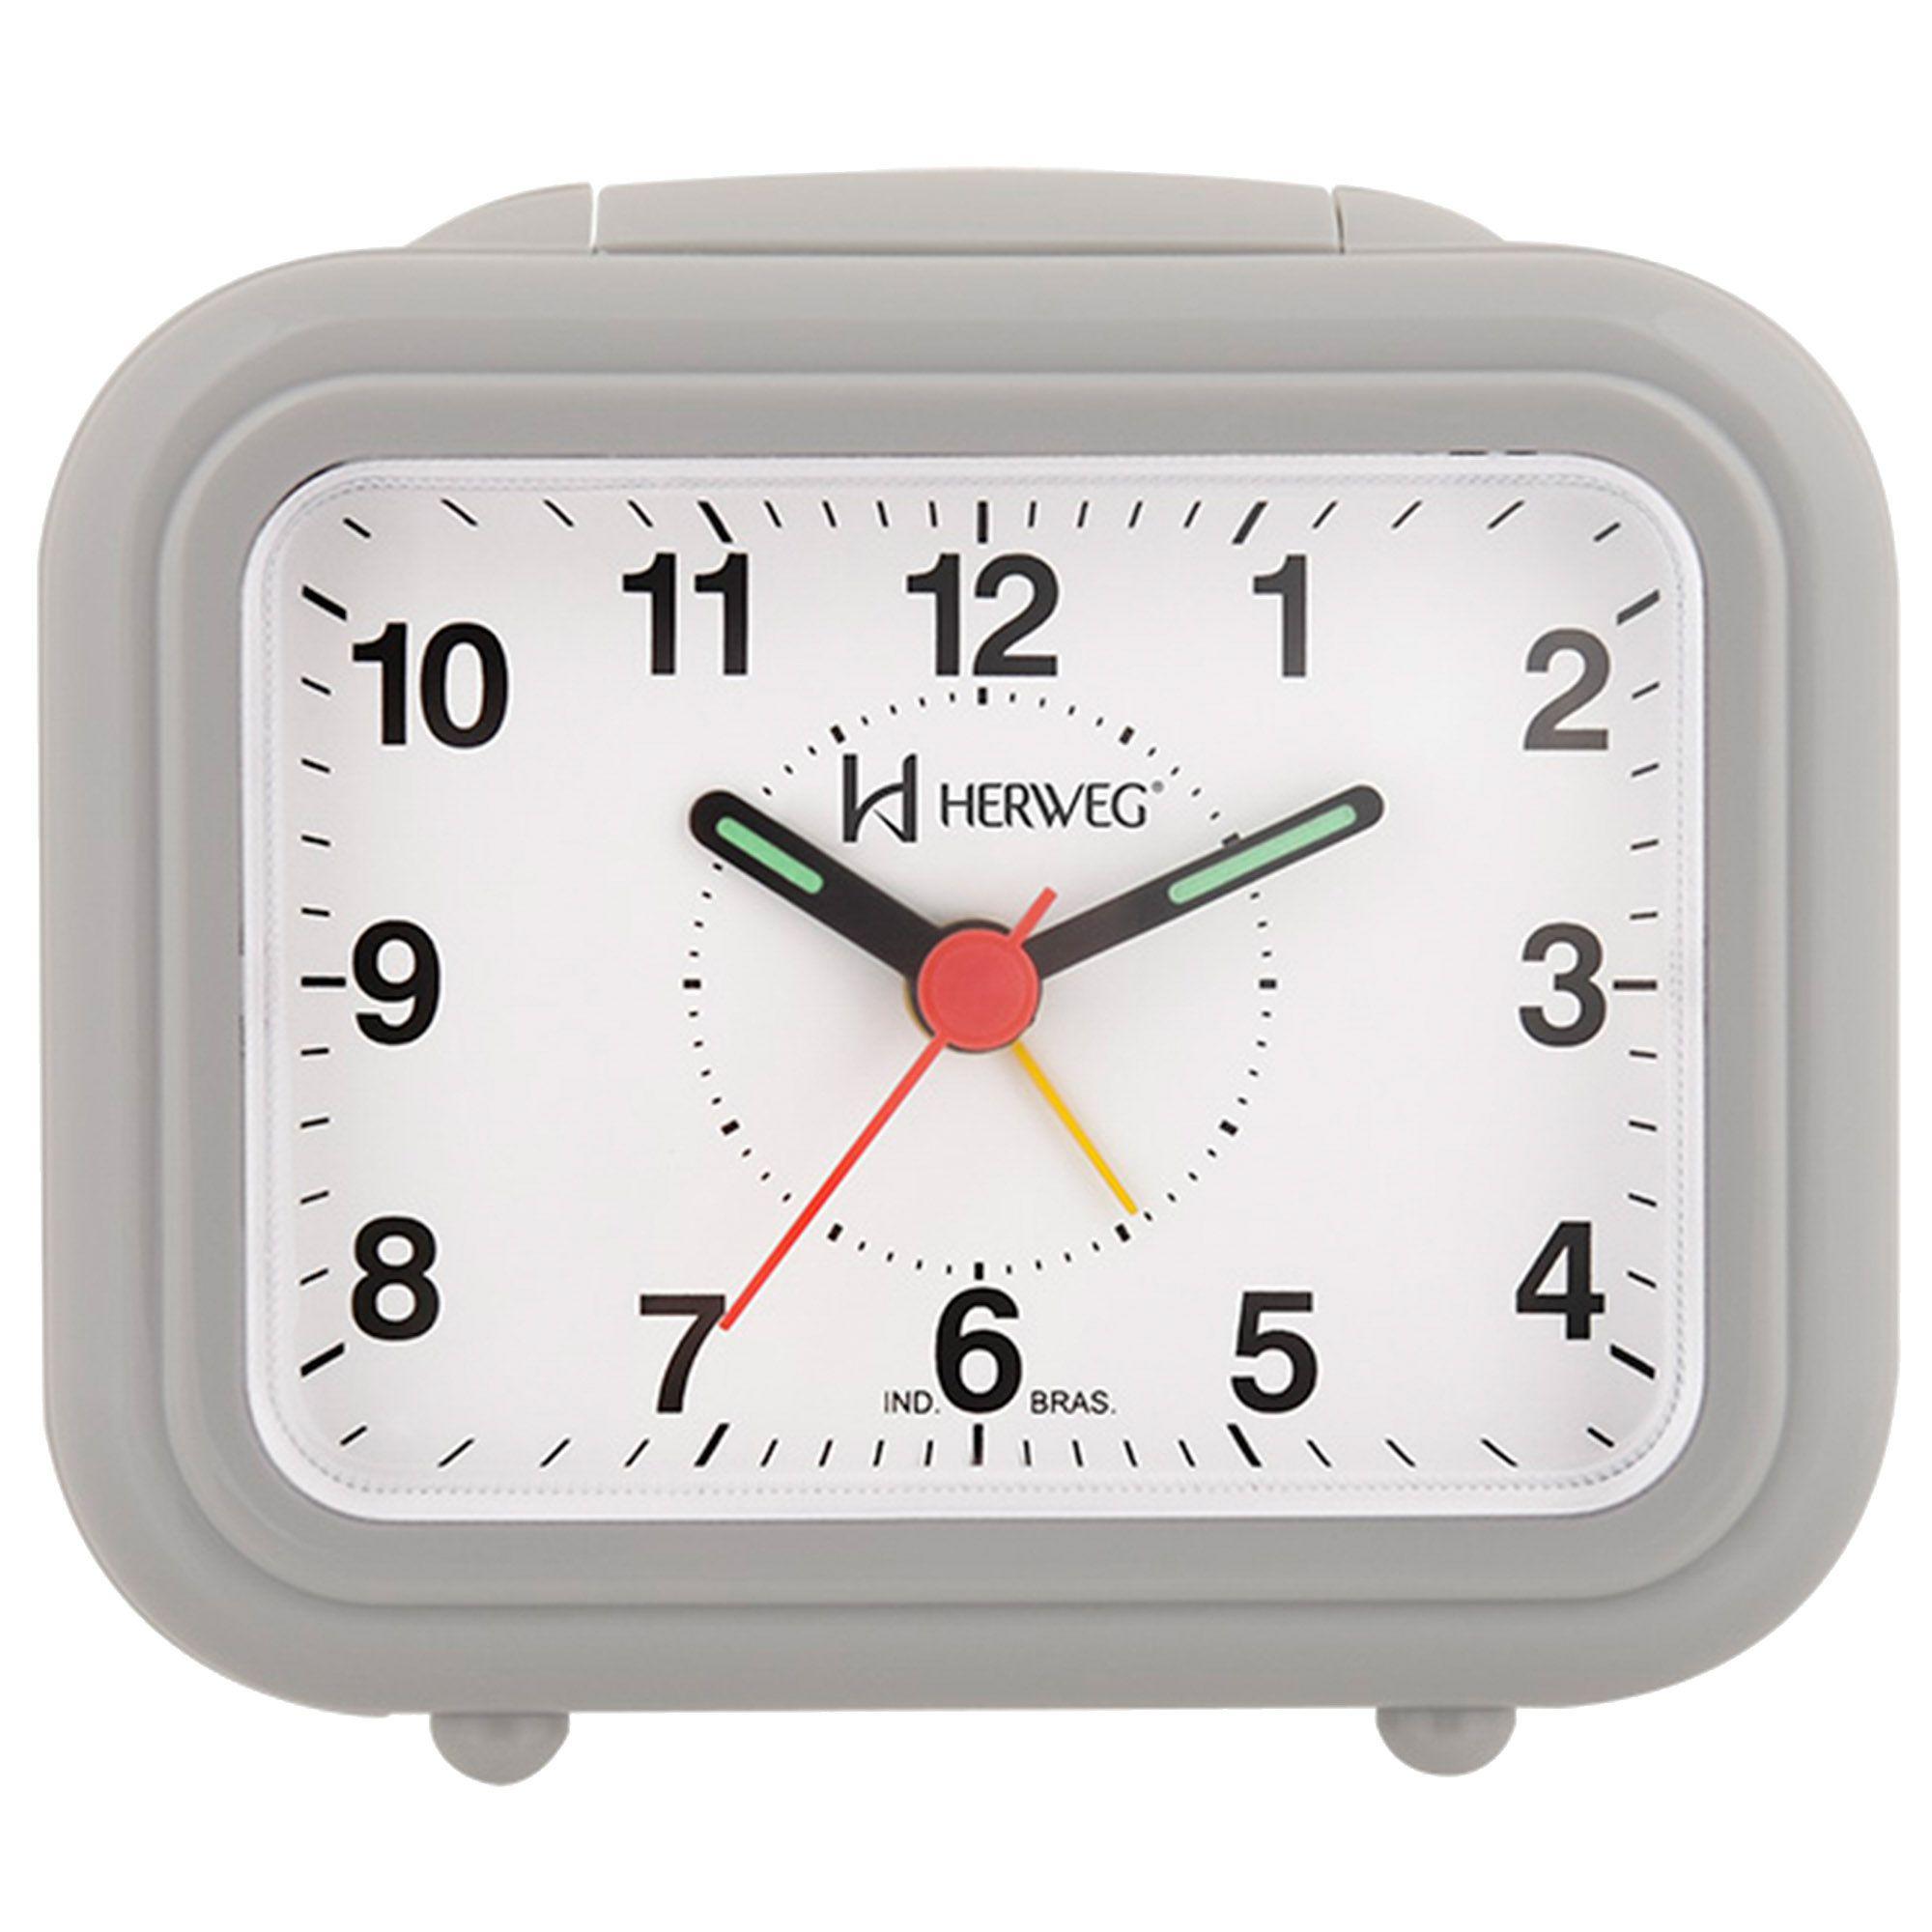 Despertador Analógico Quartzo Herweg 2630 024 Cinza